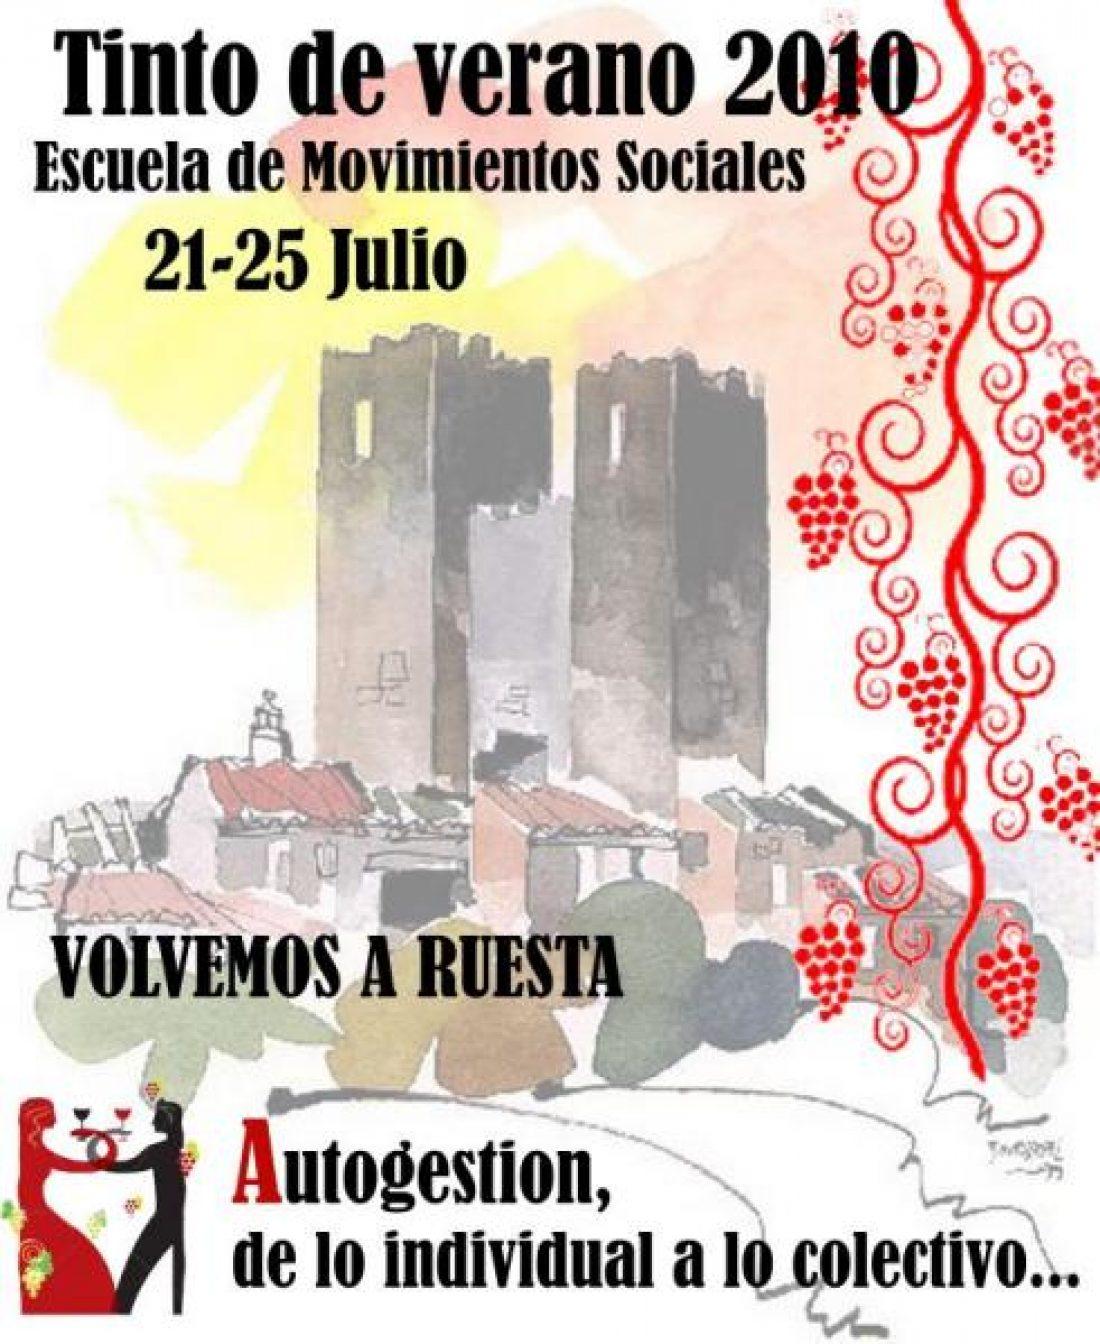 Tinto de Verano 2010: Escuela de Movimientos Sociales. (Ruesta, 21-25 de Julio)